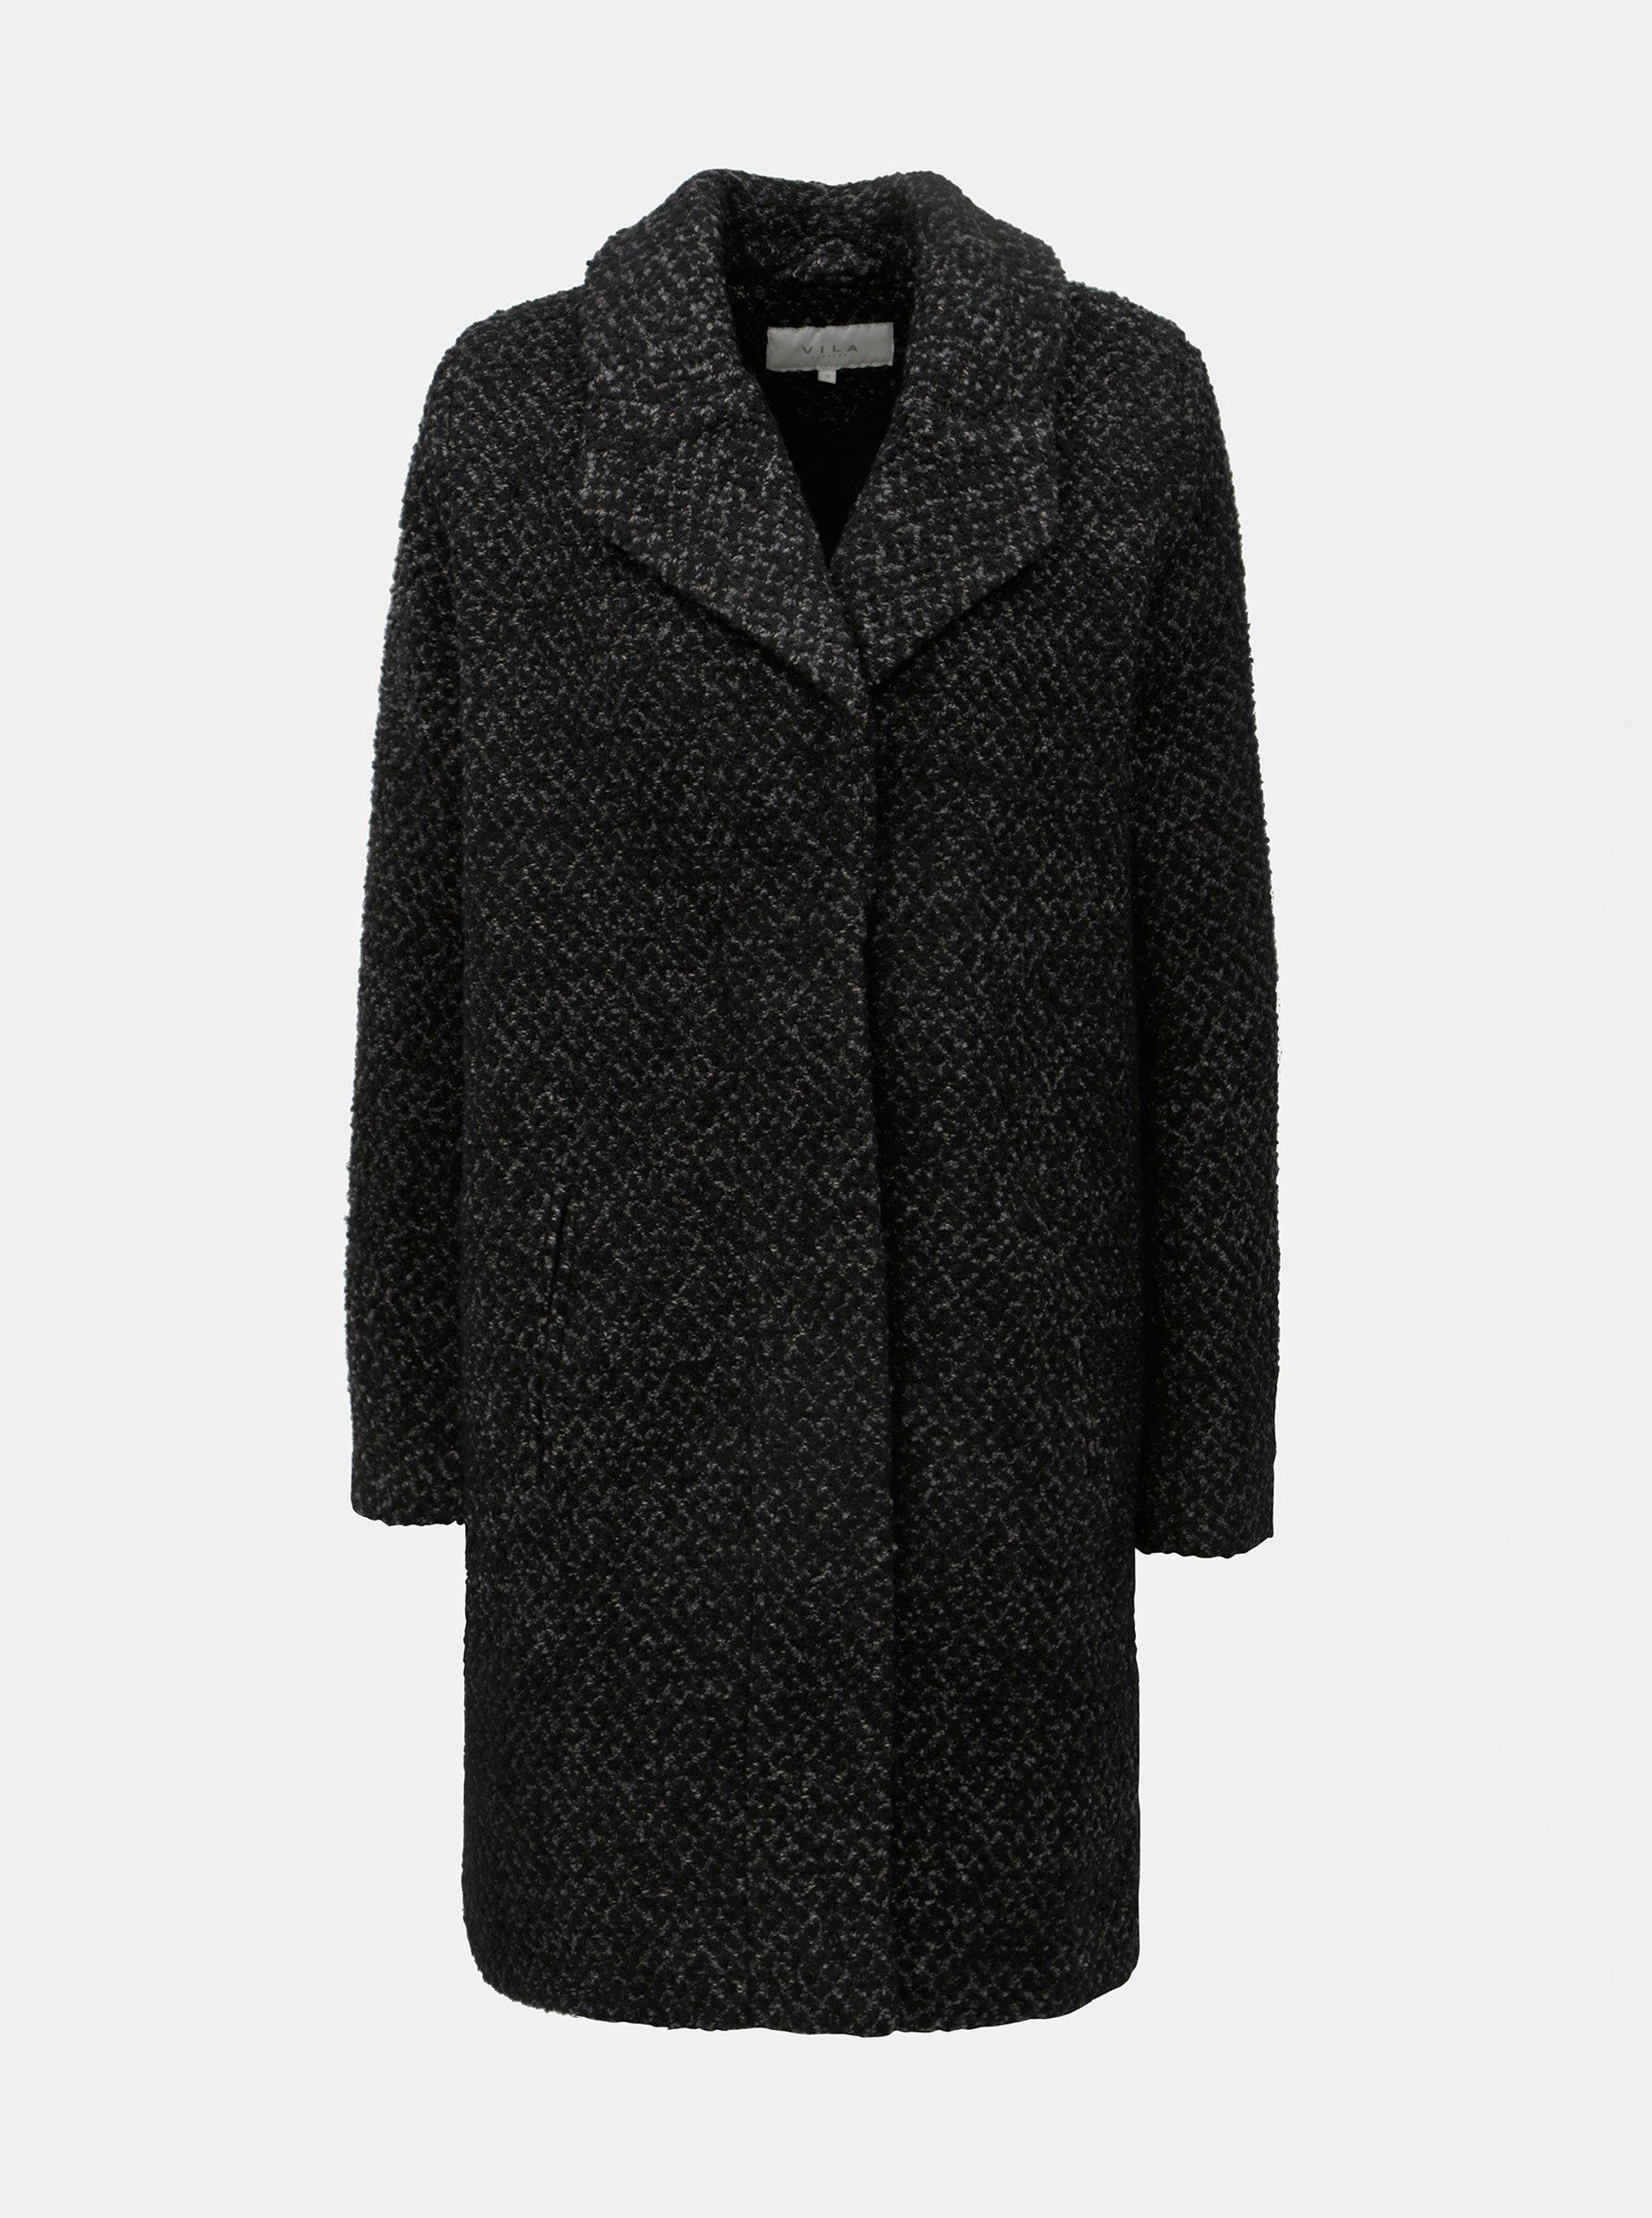 Černý žíhaný kabát s příměsí vlny VILA